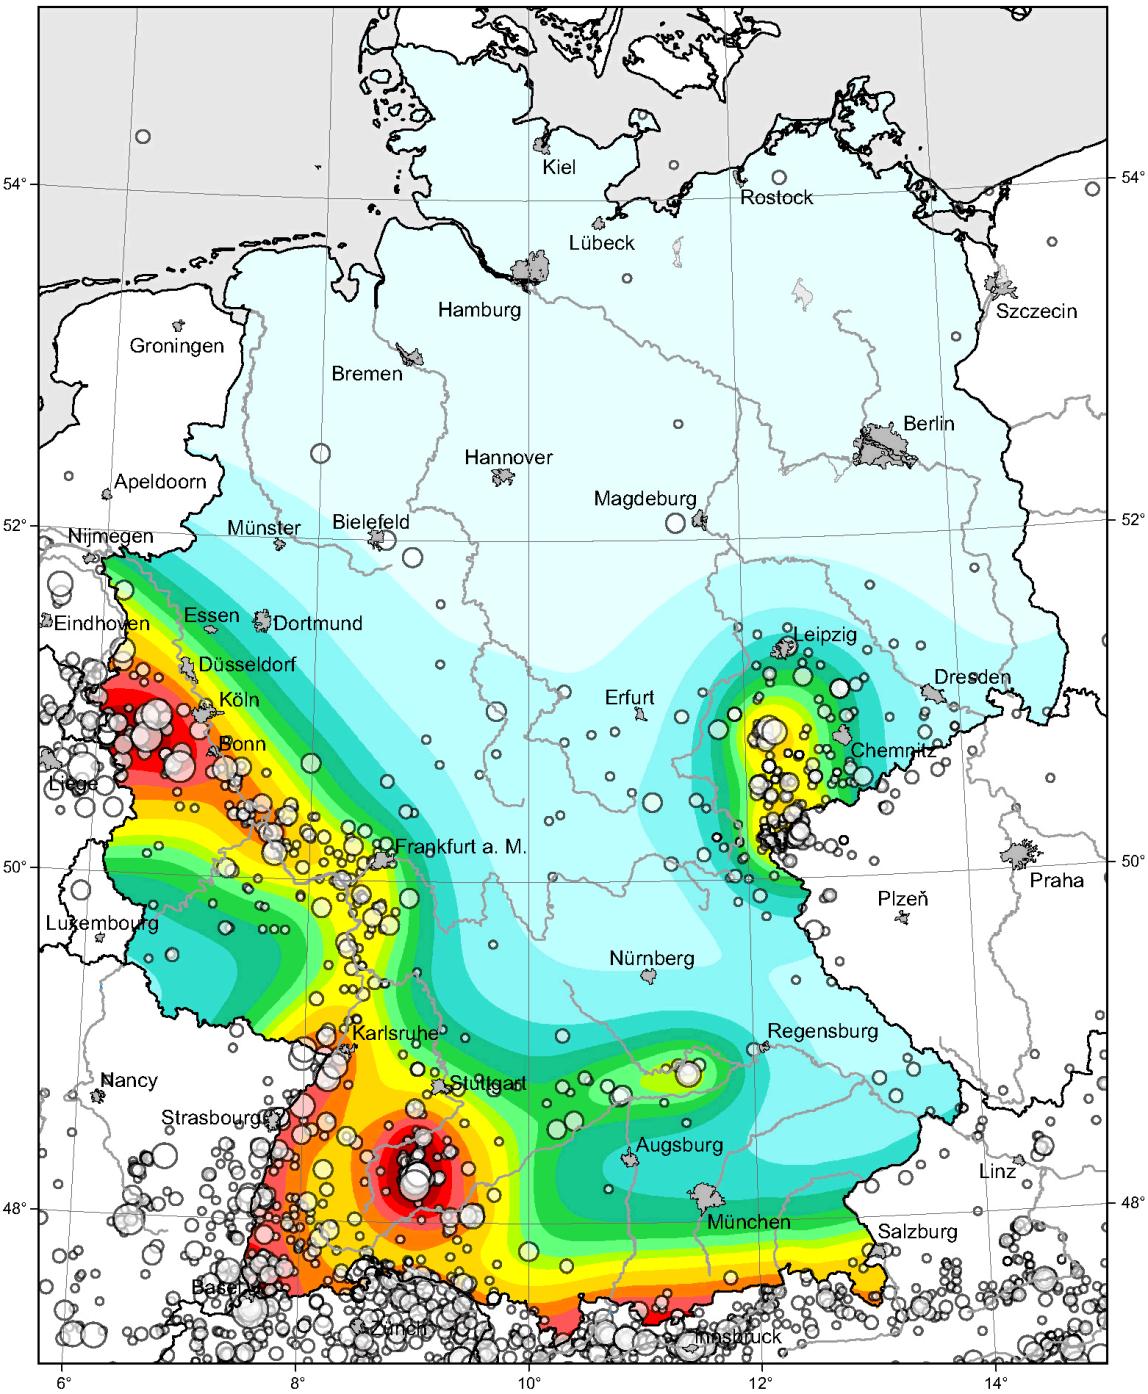 Erdbebenzonierung: Neueinschätzung der Erdbebengefährdung ...